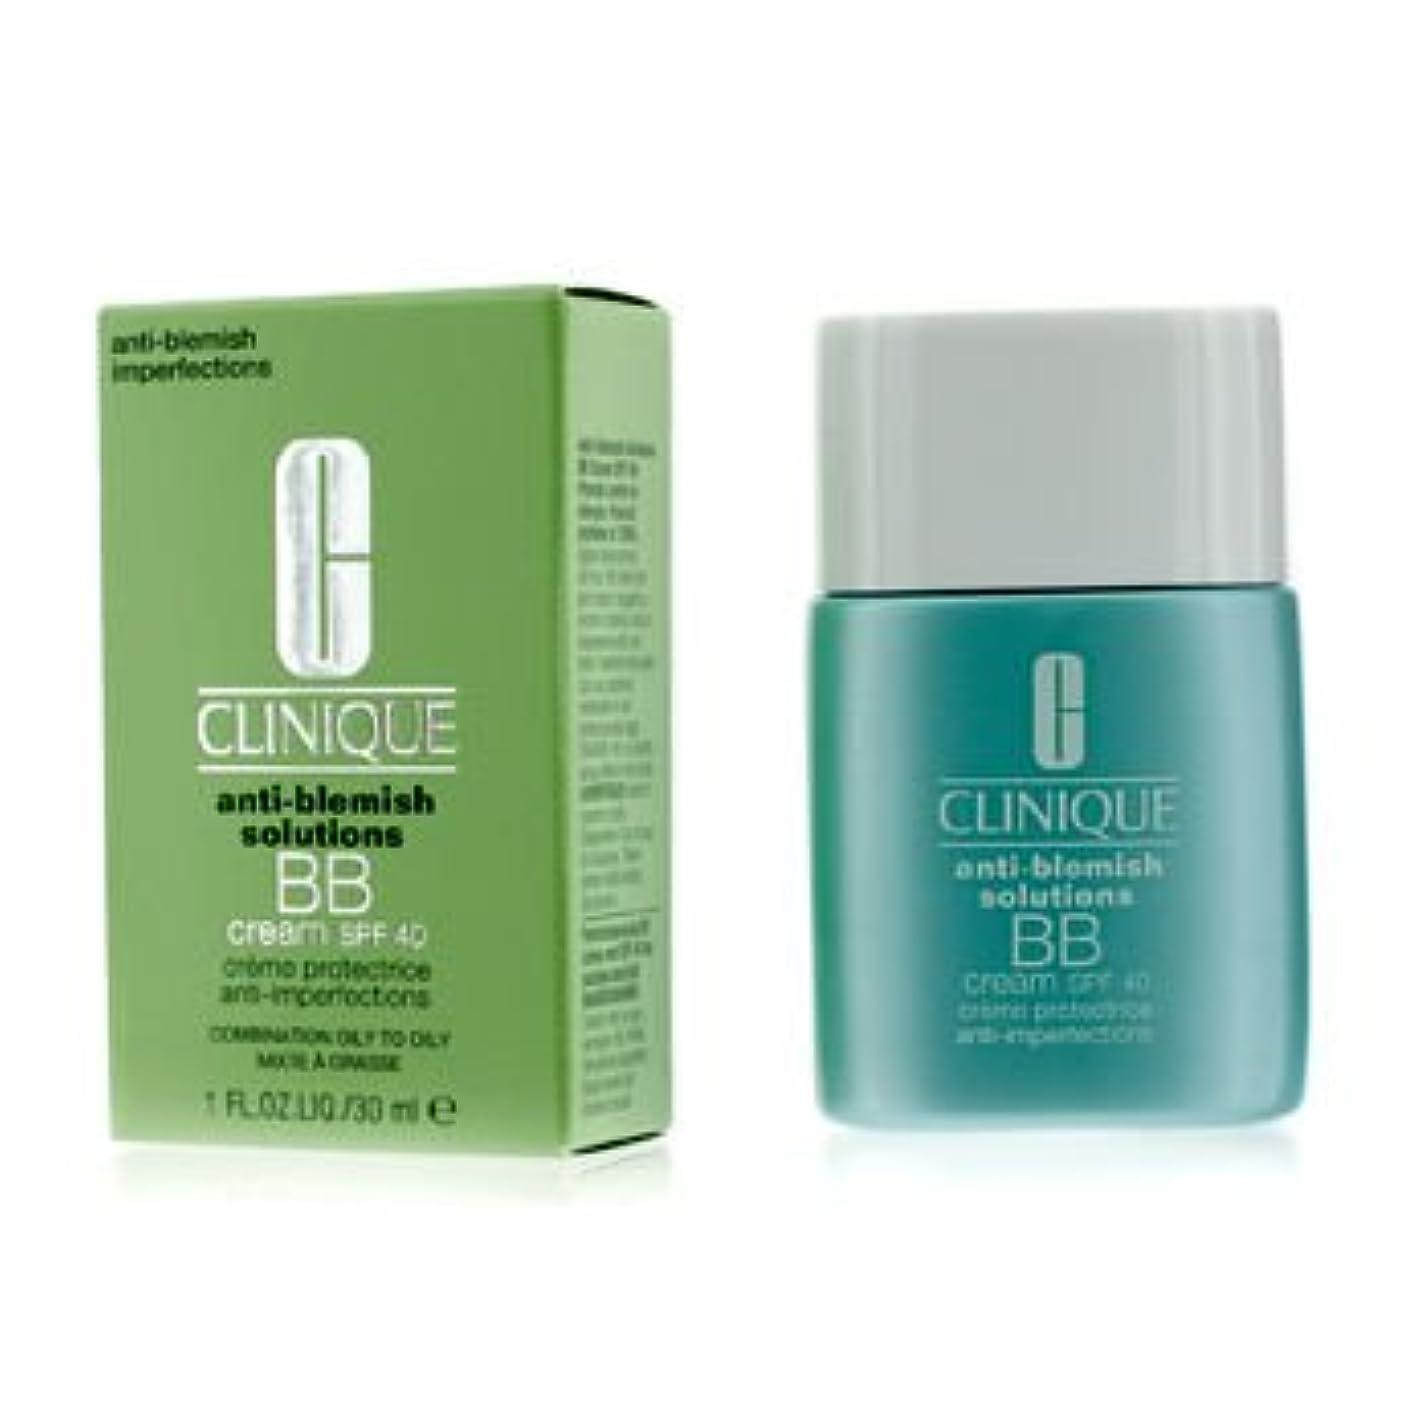 精巧な行進説明的[Clinique] Anti-Blemish Solutions BB Cream SPF 40 - Light Medium (Combination Oily to Oily) 30ml/1oz